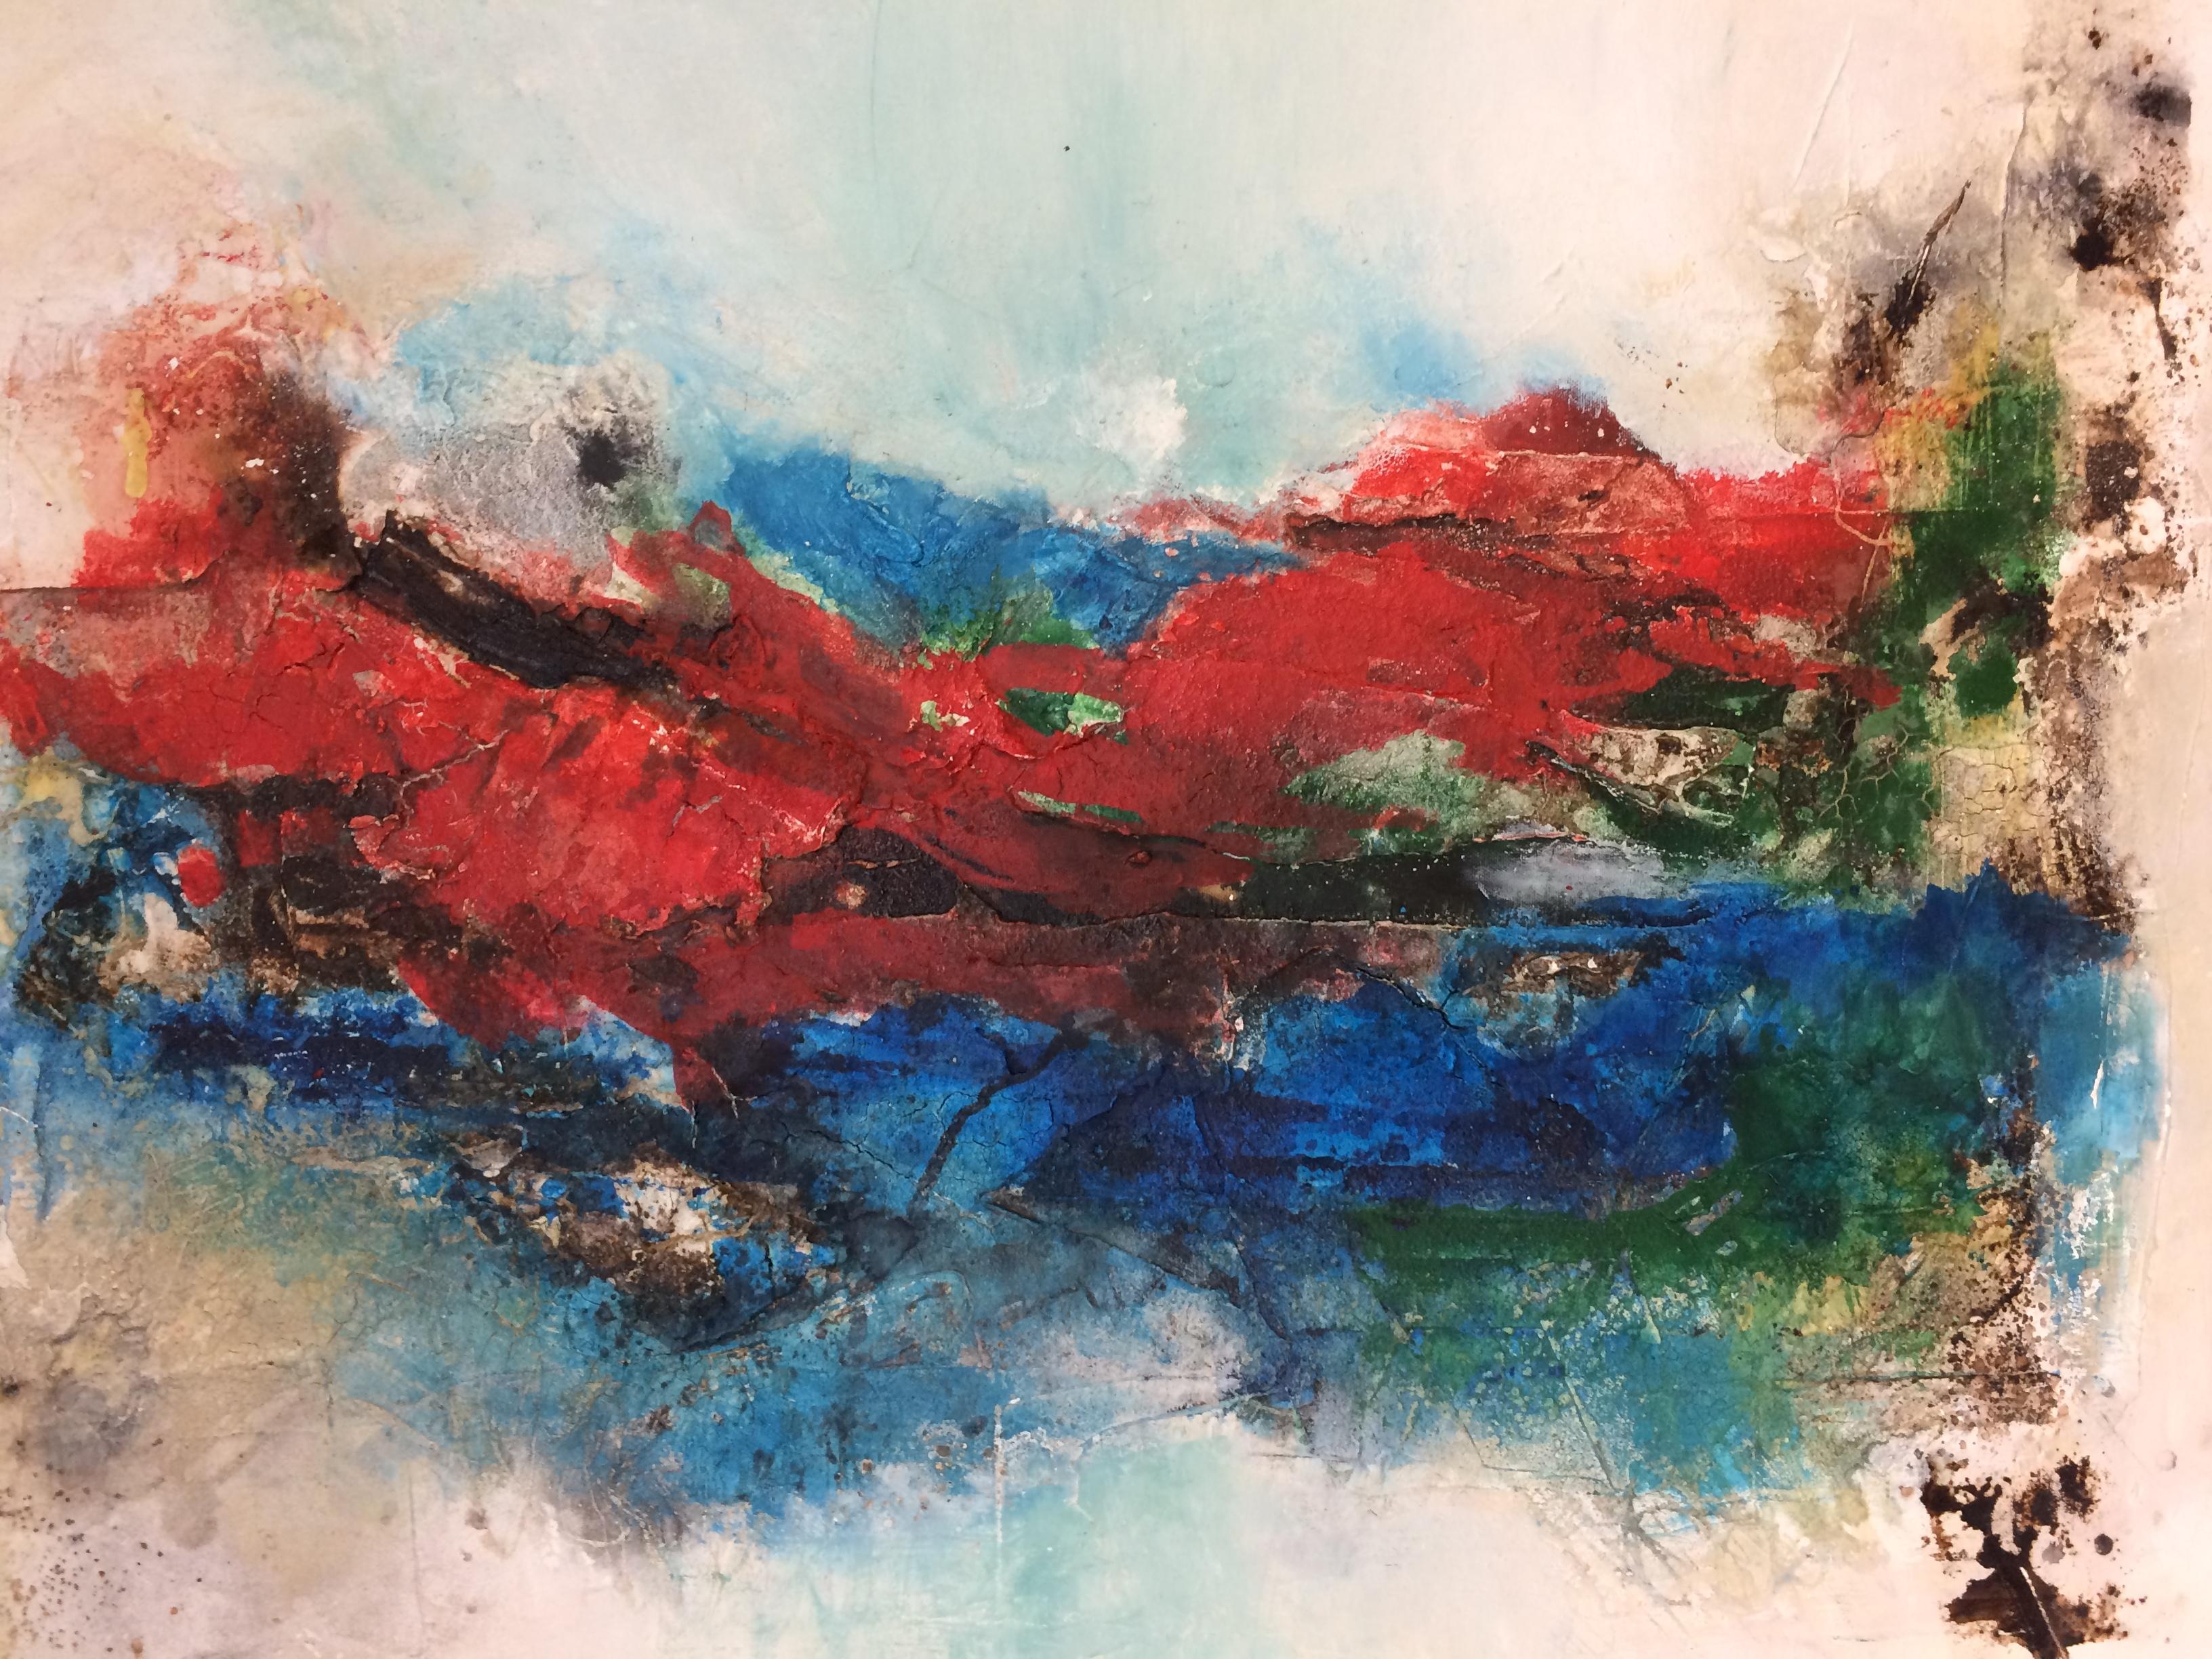 Freie Acrylmalerei  Gabriele Köster Klinik-Foyer 1. Mai-30. Juni 2017